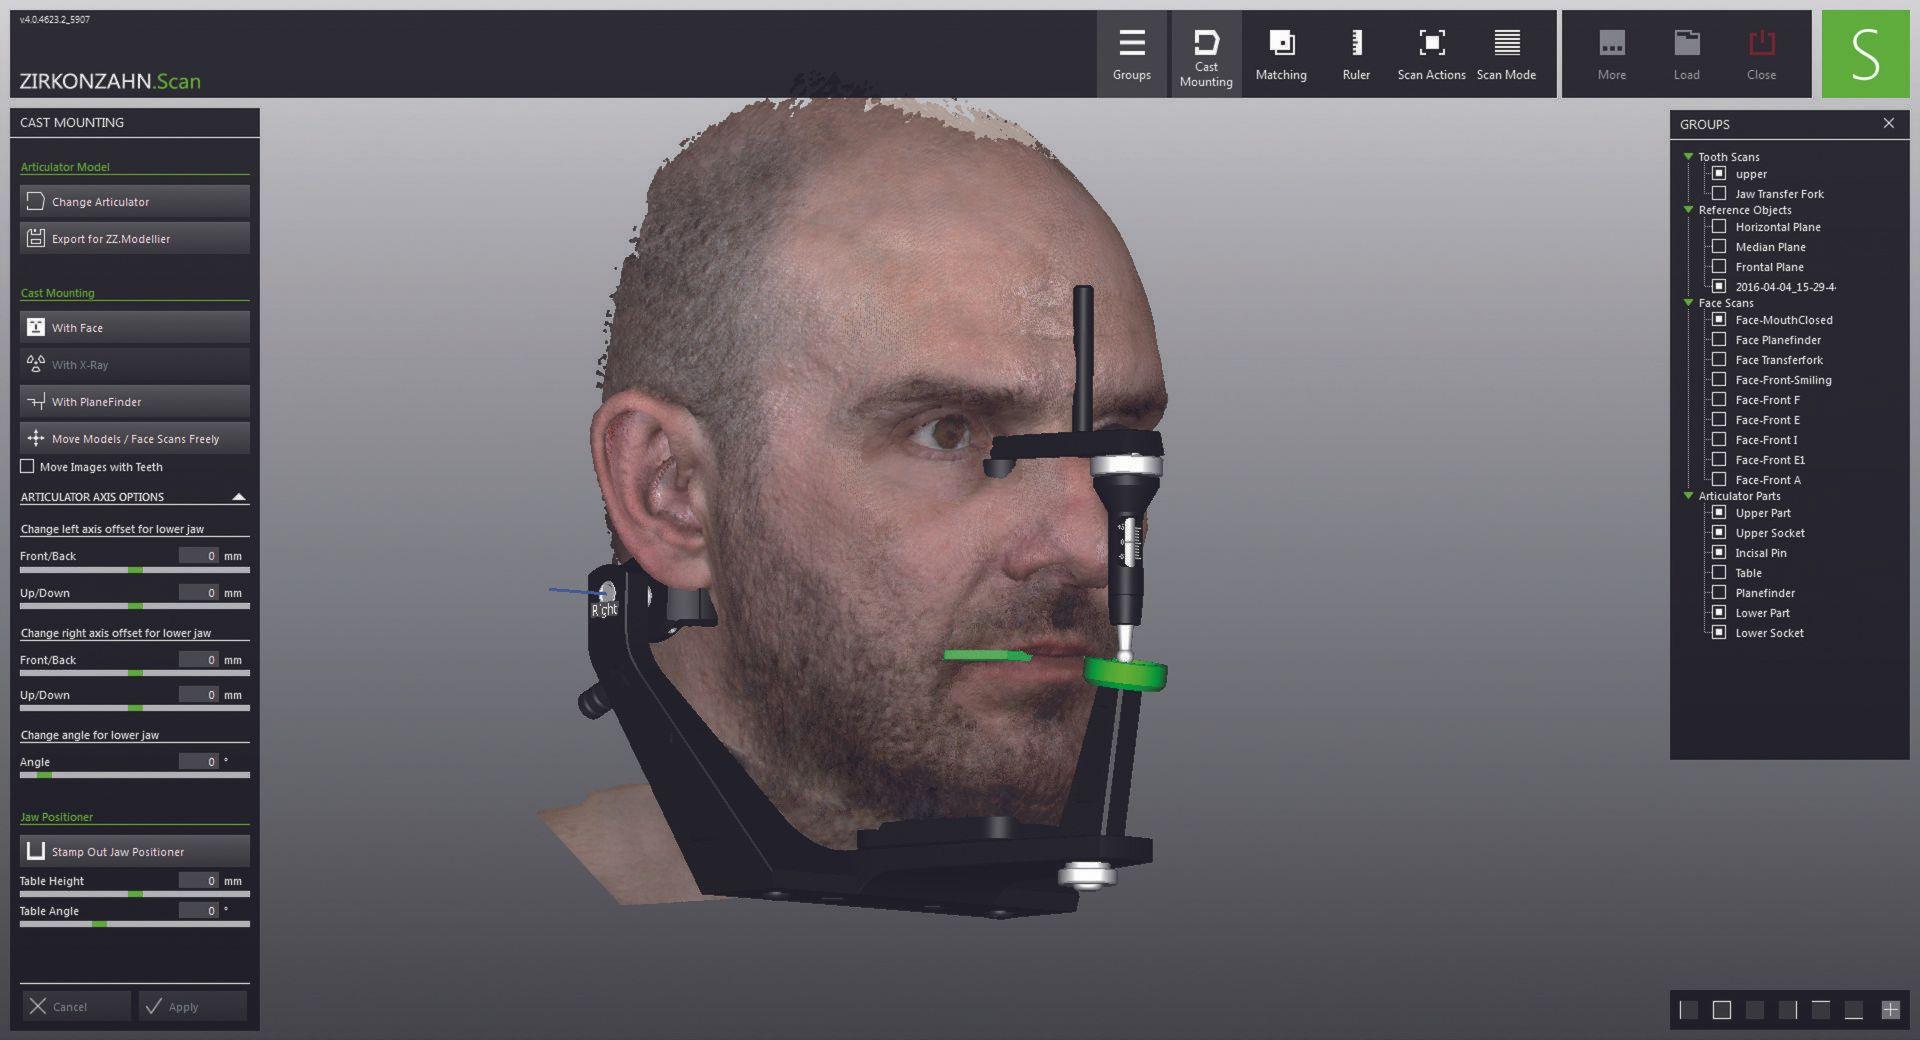 FACE HUNTER – The Zirkonzahn facial scanner